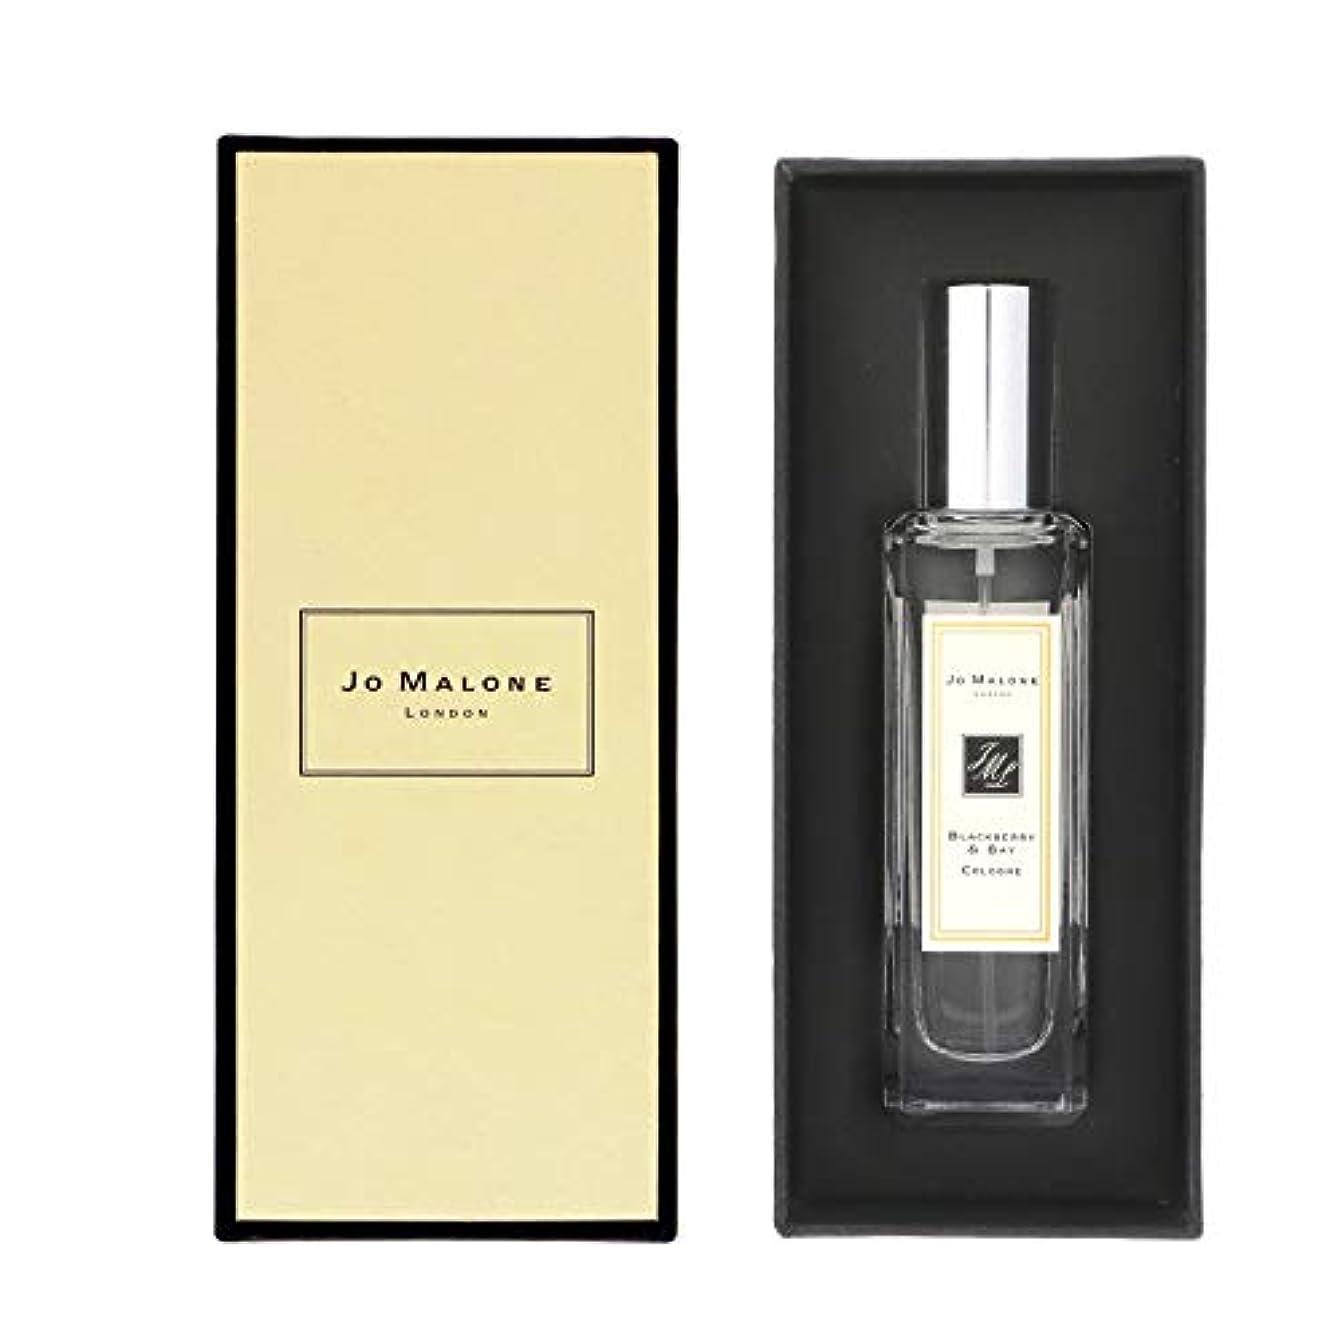 以上溶ける式JO MALONE LONDON(ジョー マローン ロンドン) ジョー マローン ブラックベリー&ベイ オーデコロン 30mL(並行輸入品)